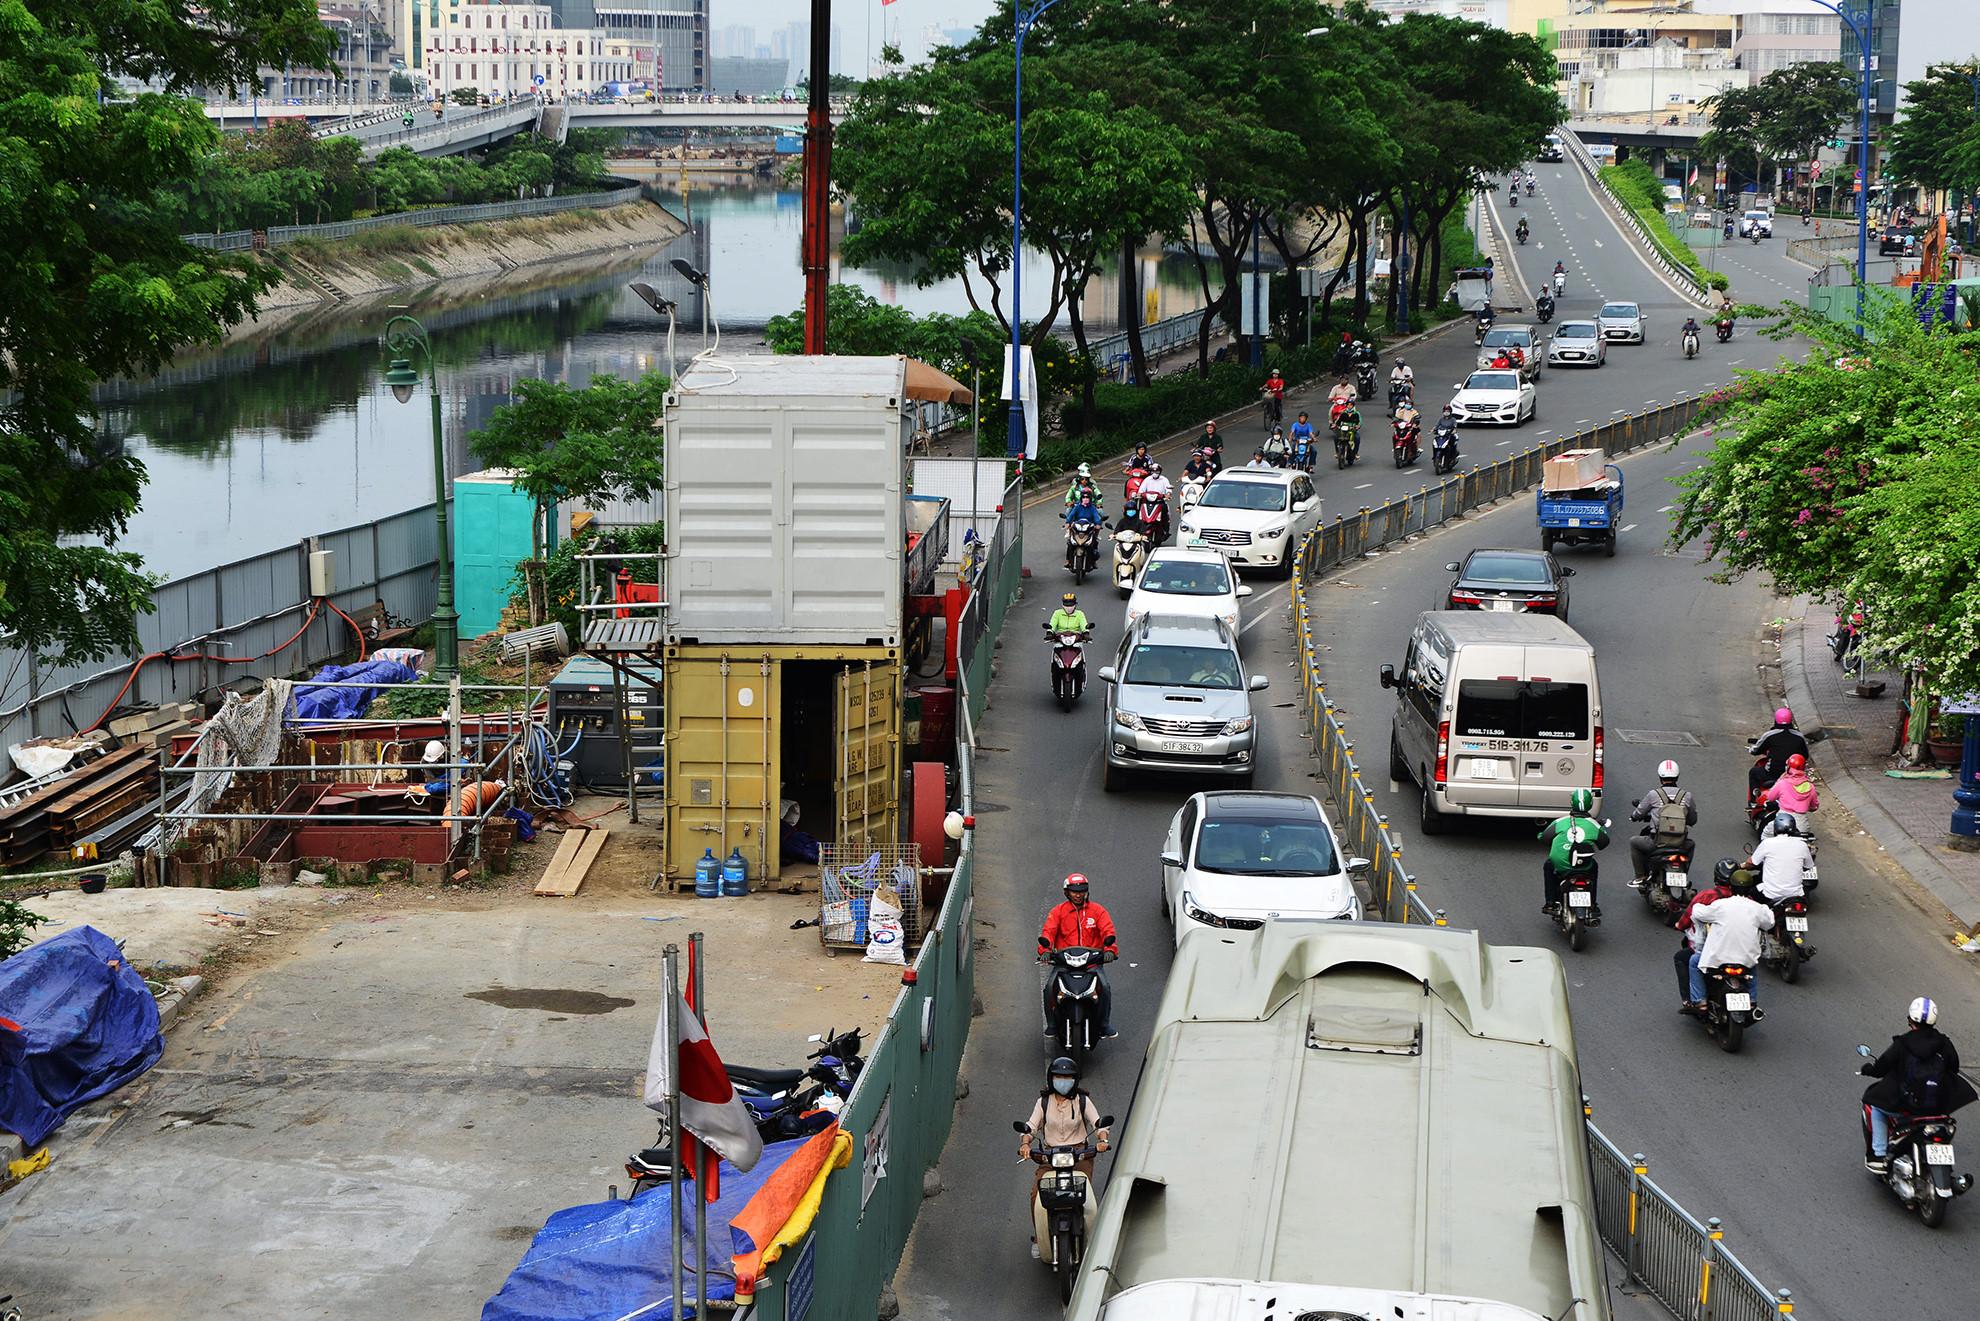 Cuối năm, lô cốt lại mọc lên khắp đường Sài Gòn Ảnh 7